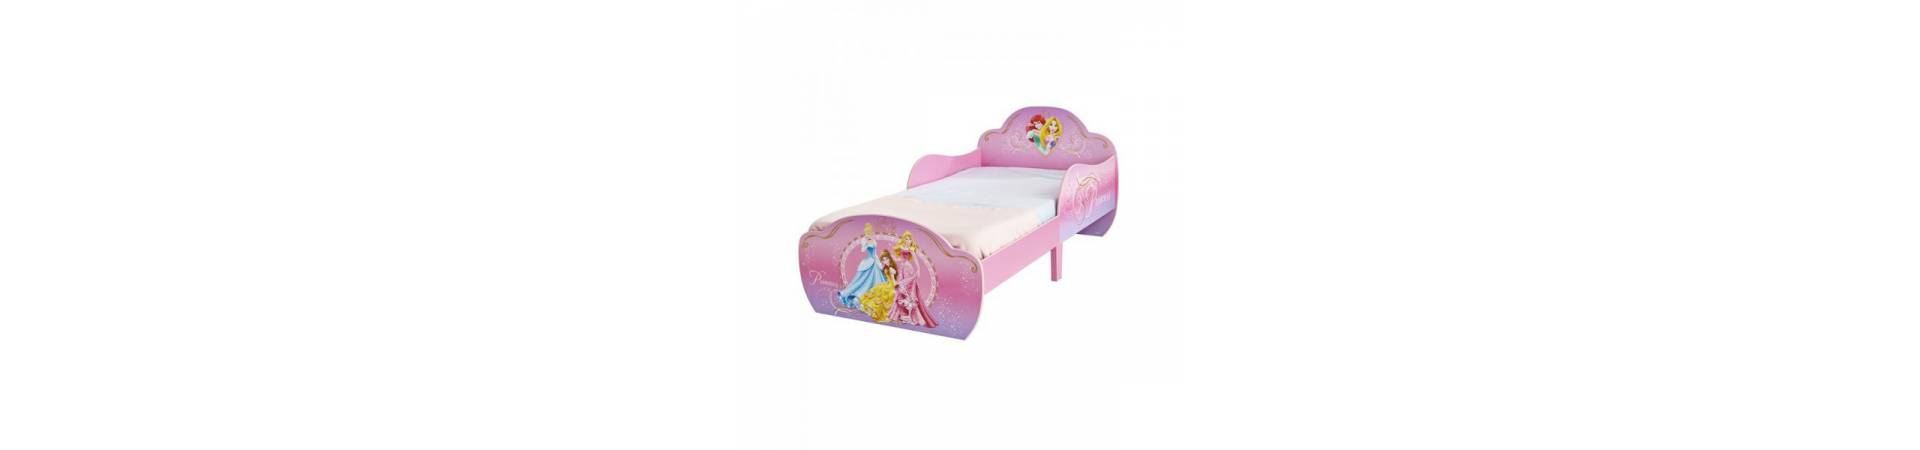 Disney hercegnő - Bútorok